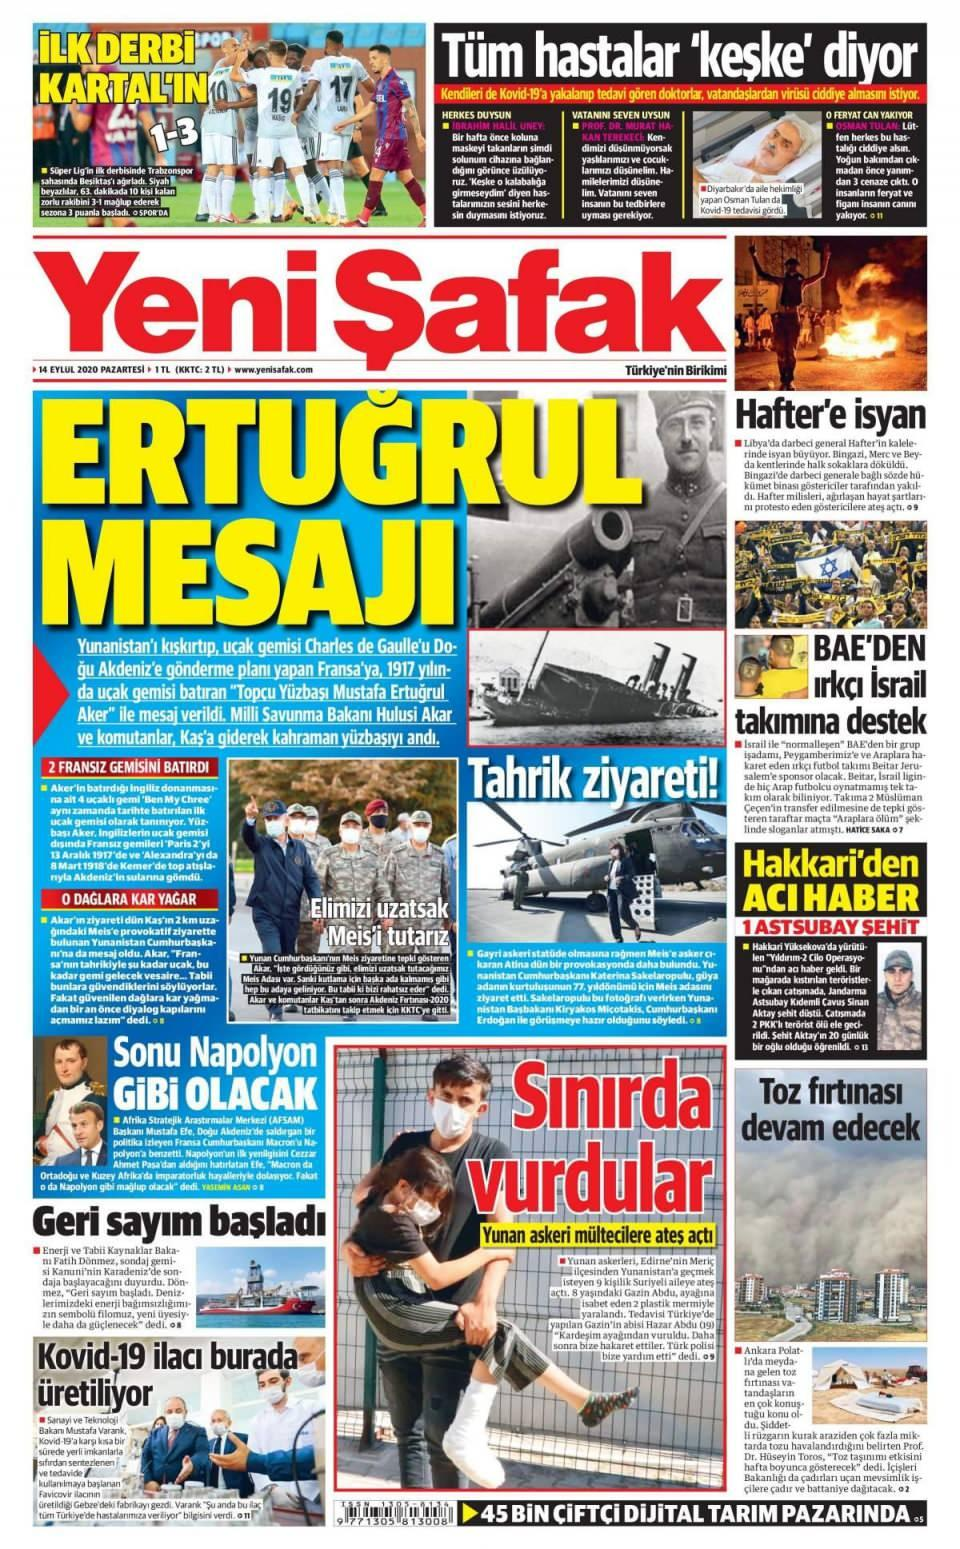 14 Eylül gazete manşetleri - Resim 1